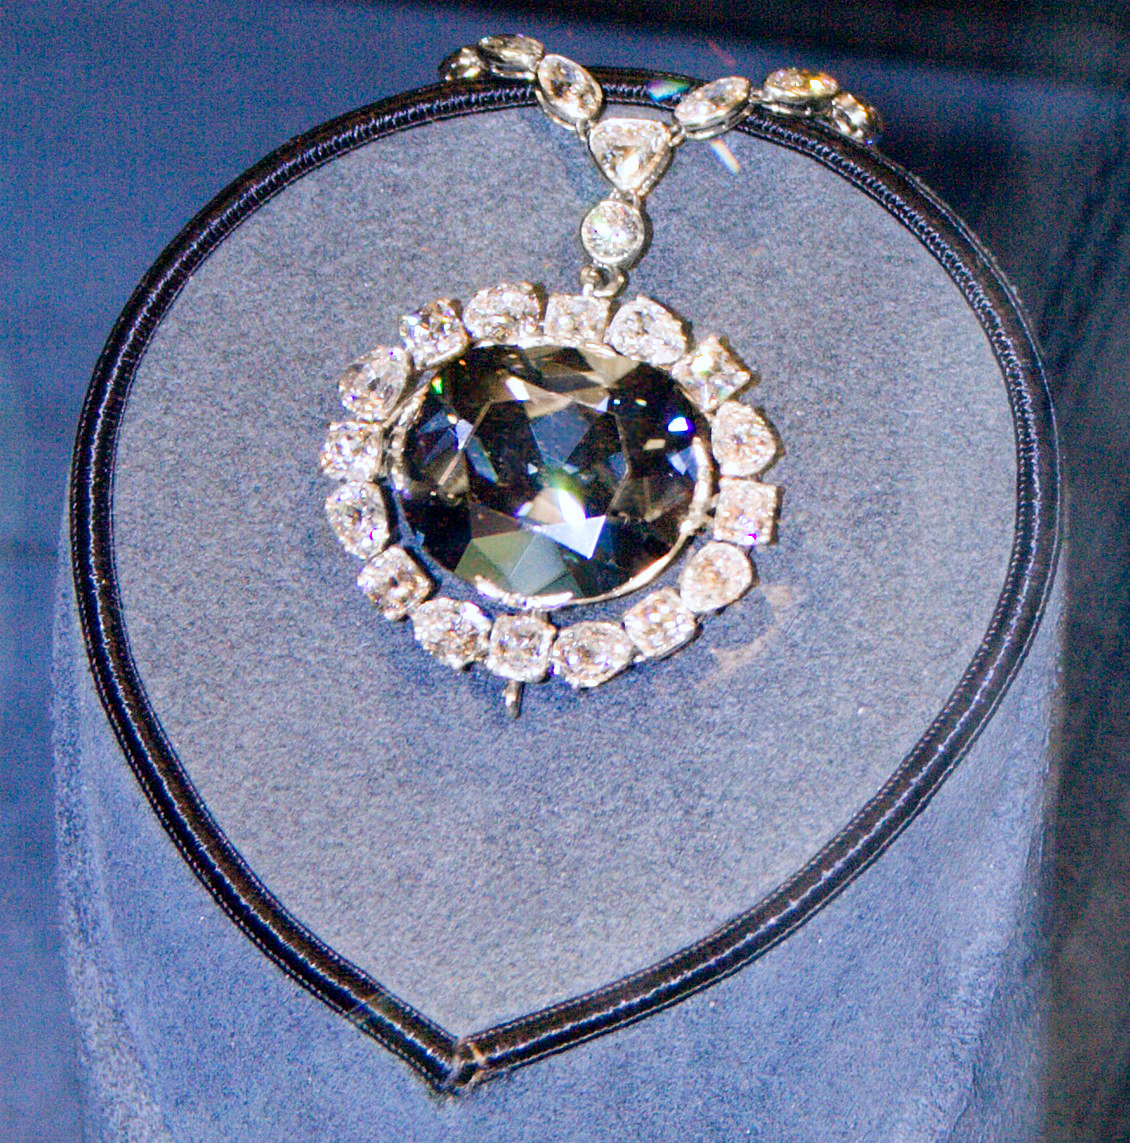 the Cursed Hope Diamond